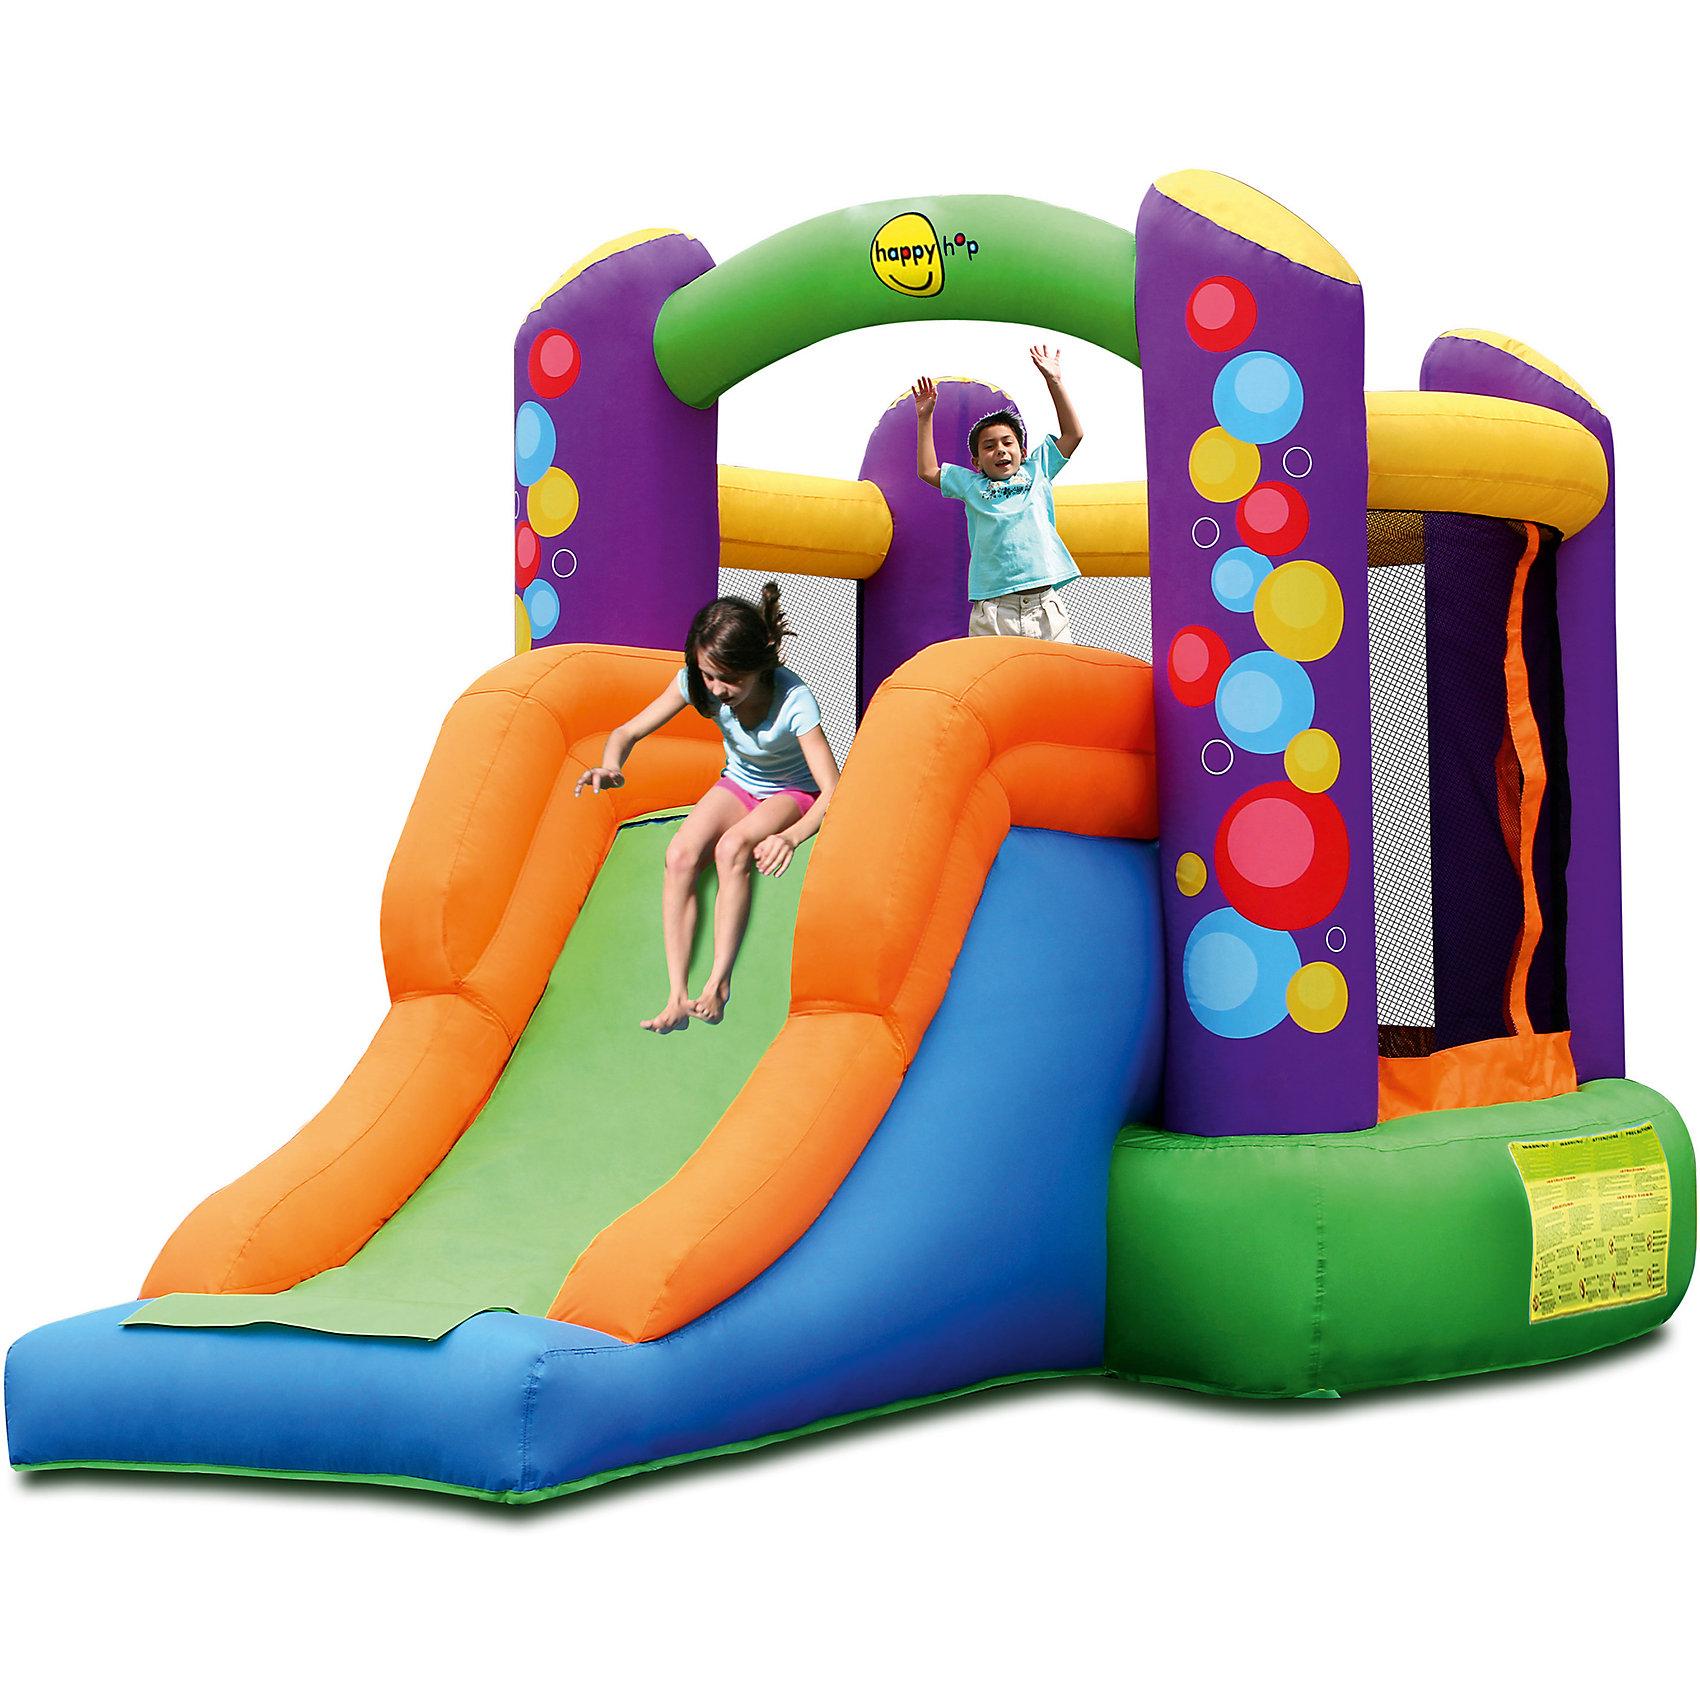 Надувной батут с горкой Воздушные шары, Happy HopБатуты<br>Характеристики:<br><br>• возраст ребенка: от 3 до 10 лет;<br>• рост ребенка: 90-150 см;<br>• вес одного ребенка: до 45 кг;<br>• количество играющих одновременно детей: 2;<br>• максимальный вес: 90 кг (при этом вес каждого ребенка не должен превышать 45 кг). <br><br>Размеры:<br><br>• размер игрового комплекса: 350х210х200 см;<br>• размер батута: 210х195 см;<br>• высота основания батута: 40 см;<br>• высота прыжковой поверхности: 175х150 см;<br>• высота защитной сетки-ограждения: 100 см;<br>• размер горки: 160х85 см;<br>• высота площадки горки: 40 см;<br>• ширина скользящей поверхности: 55 см;<br>• прочность батута на растяжение: до 136 кг;<br>• прочность на разрыв: до 13,6 кг;<br>• прочность на соединение: до 27,2 кг;<br>• диапазон температур для батута: от -10 до +40 градусов;<br>• диапазон температур для насоса: от -15 до +40 градусов;<br>• размер упаковки: 45х43х58 см;<br>• вес в упаковке: 19 кг.<br><br>Дополнительная информация:<br><br>• материал: ламинированный ПВХ, ламинированная ткань Оксфорд;<br>• плотность: ПВХ 360 г/м2, ткани Оксфорд 215 г/м2;<br>• материал застежек: лавсан;<br>• крепеж к земле: пластик;<br>• технология изготовления продукции: машинное сшивание путем соединения тканей ПВХ и Оксфорд.<br><br>Меры предосторожности:<br><br>• использование: установка на открытом воздухе;<br>• только для бытового применения;<br>• при установке батута, изделие обязательно следует крепить пластиковыми кольями к земле.<br><br>Рекомендации от производителя: в течение всего времени использования продукции HAPPY HOP необходимо поддерживать подачу воздуха и обеспечивать непрерывную работу насоса. <br><br>Надувной батут с горкой Воздушные шары, Happy Hop можно купить в нашем интернет-магазине.<br><br>Ширина мм: 600<br>Глубина мм: 450<br>Высота мм: 430<br>Вес г: 19000<br>Возраст от месяцев: 36<br>Возраст до месяцев: 120<br>Пол: Унисекс<br>Возраст: Детский<br>SKU: 5530652